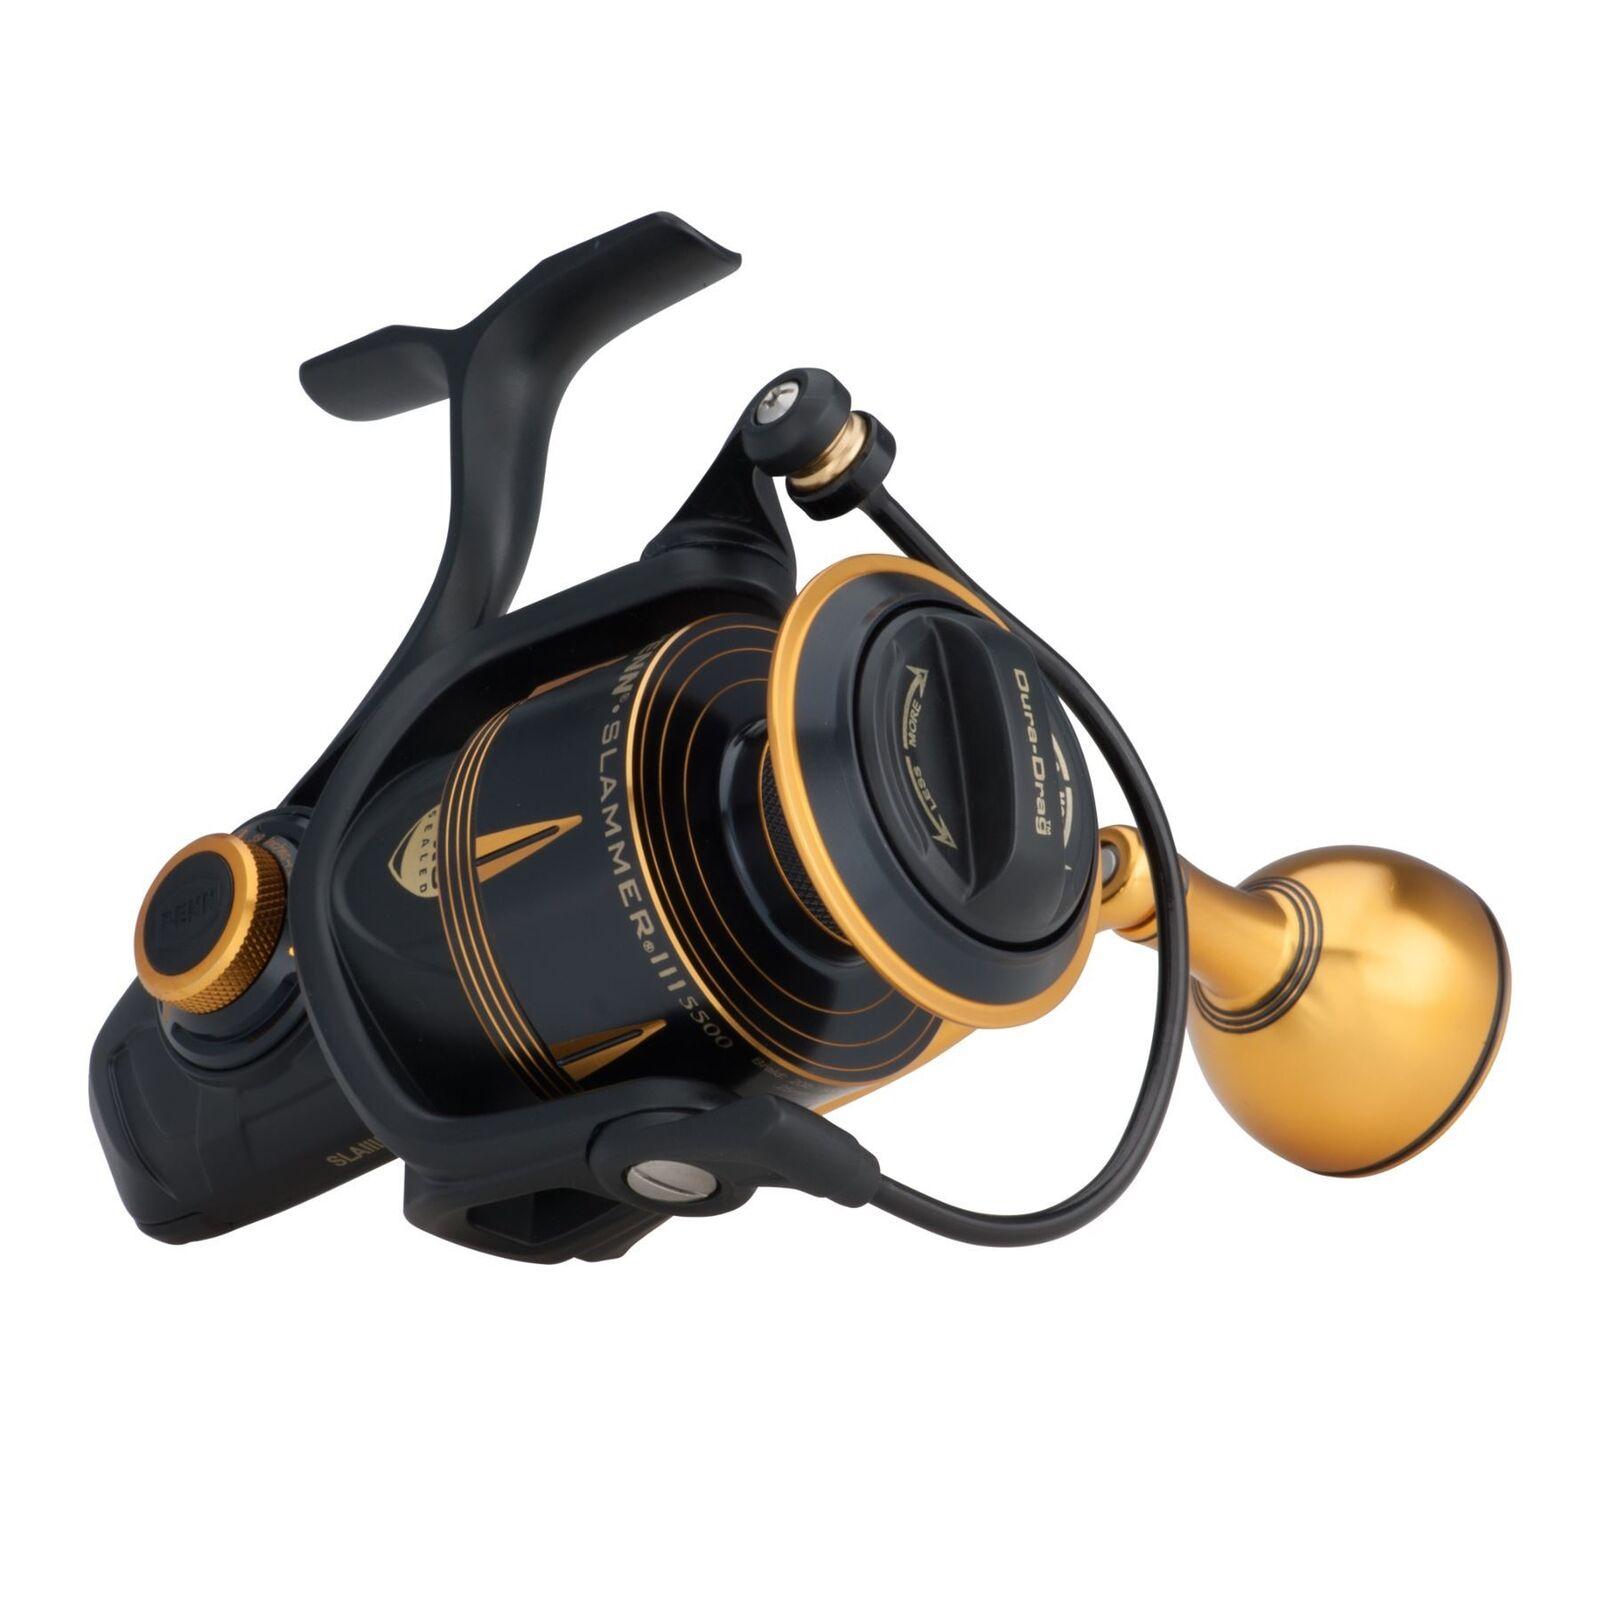 Penn Slammer III 5500 / Heavy Duty Spinning Fishing Reel